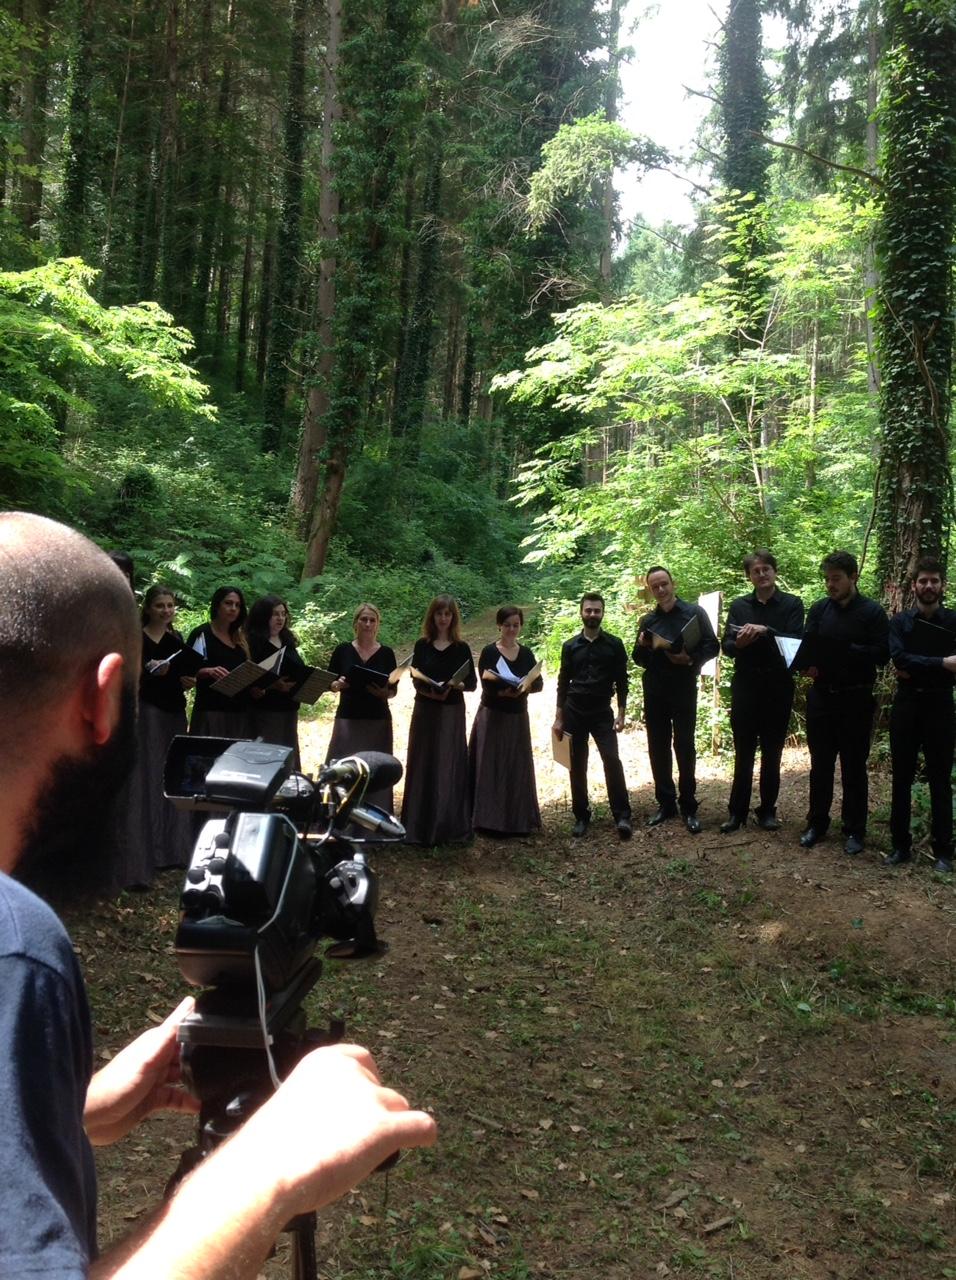 Videonotizia: Musicalmente in bosco